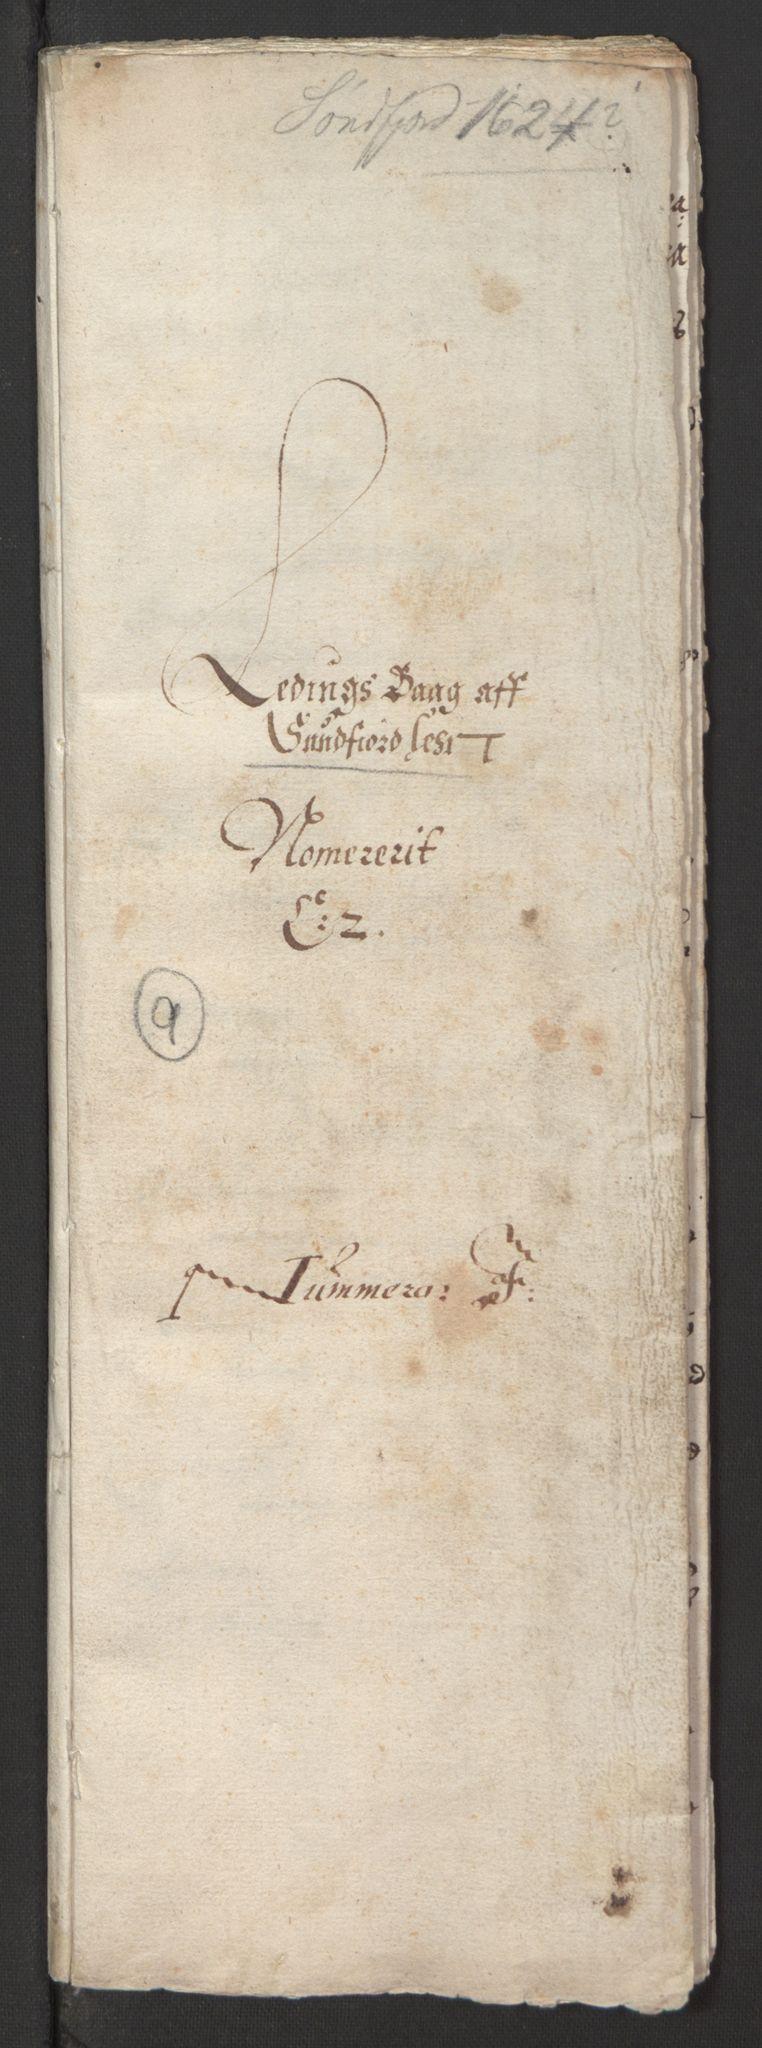 RA, Stattholderembetet 1572-1771, Ek/L0003: Jordebøker til utlikning av garnisonsskatt 1624-1626:, 1624-1625, s. 237